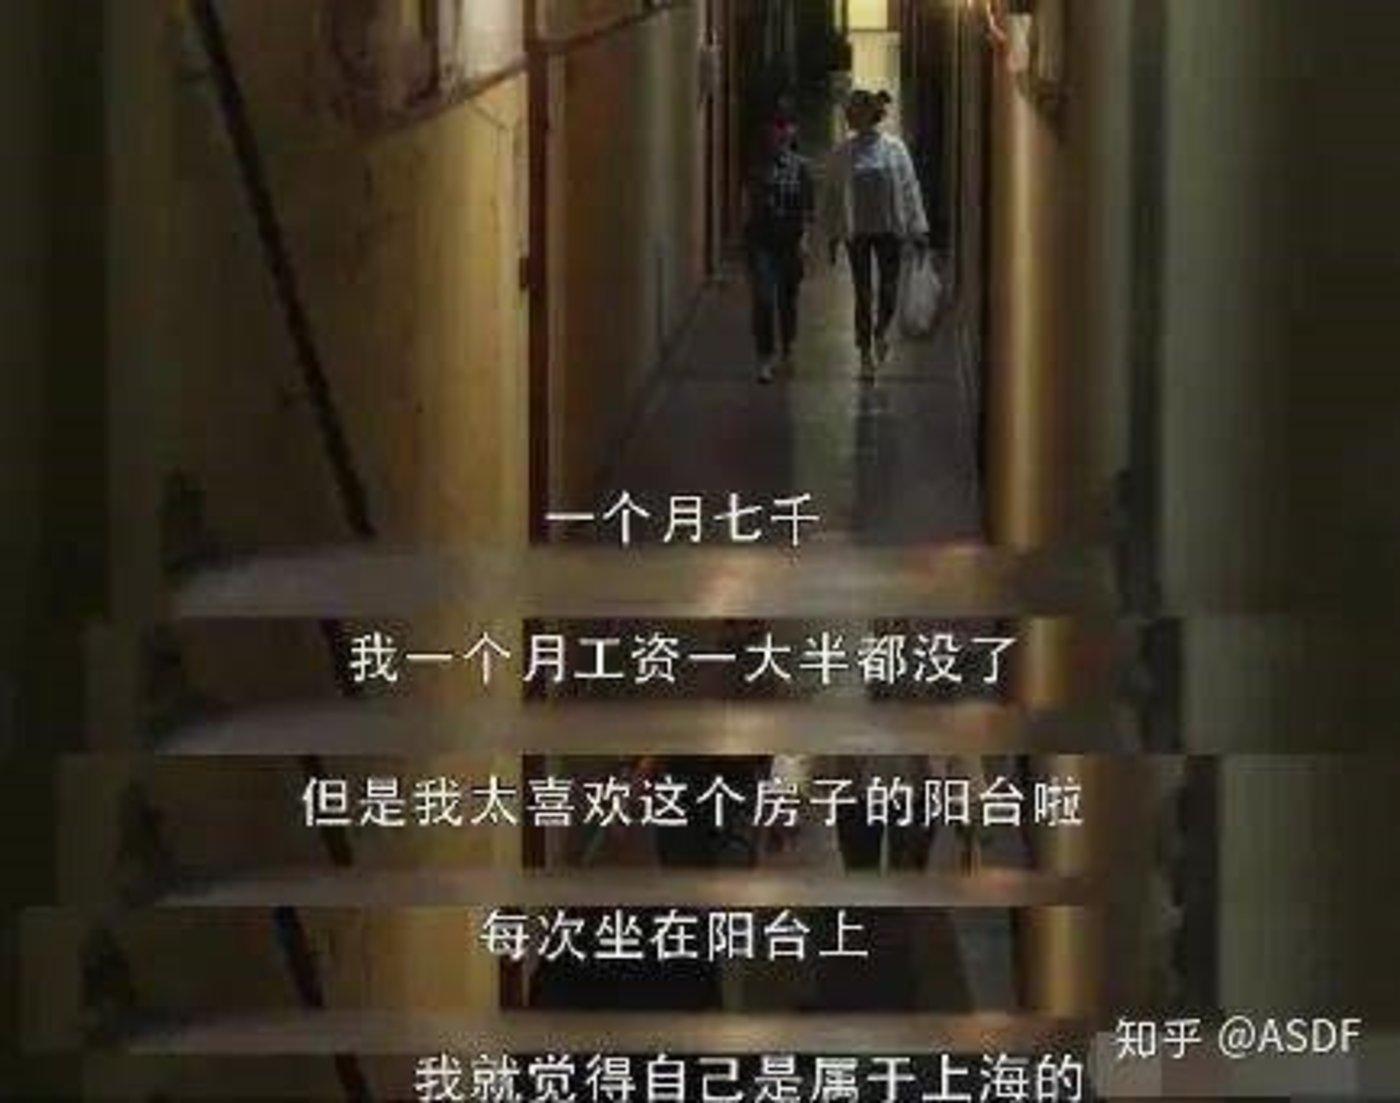 """《三十而已》中的沪漂王漫妮月薪一万五,住房月租七千,旅行升舱信用卡刷了一万八,有人说这是""""精致穷"""",带有""""享乐型""""特征,对此你怎么看?"""